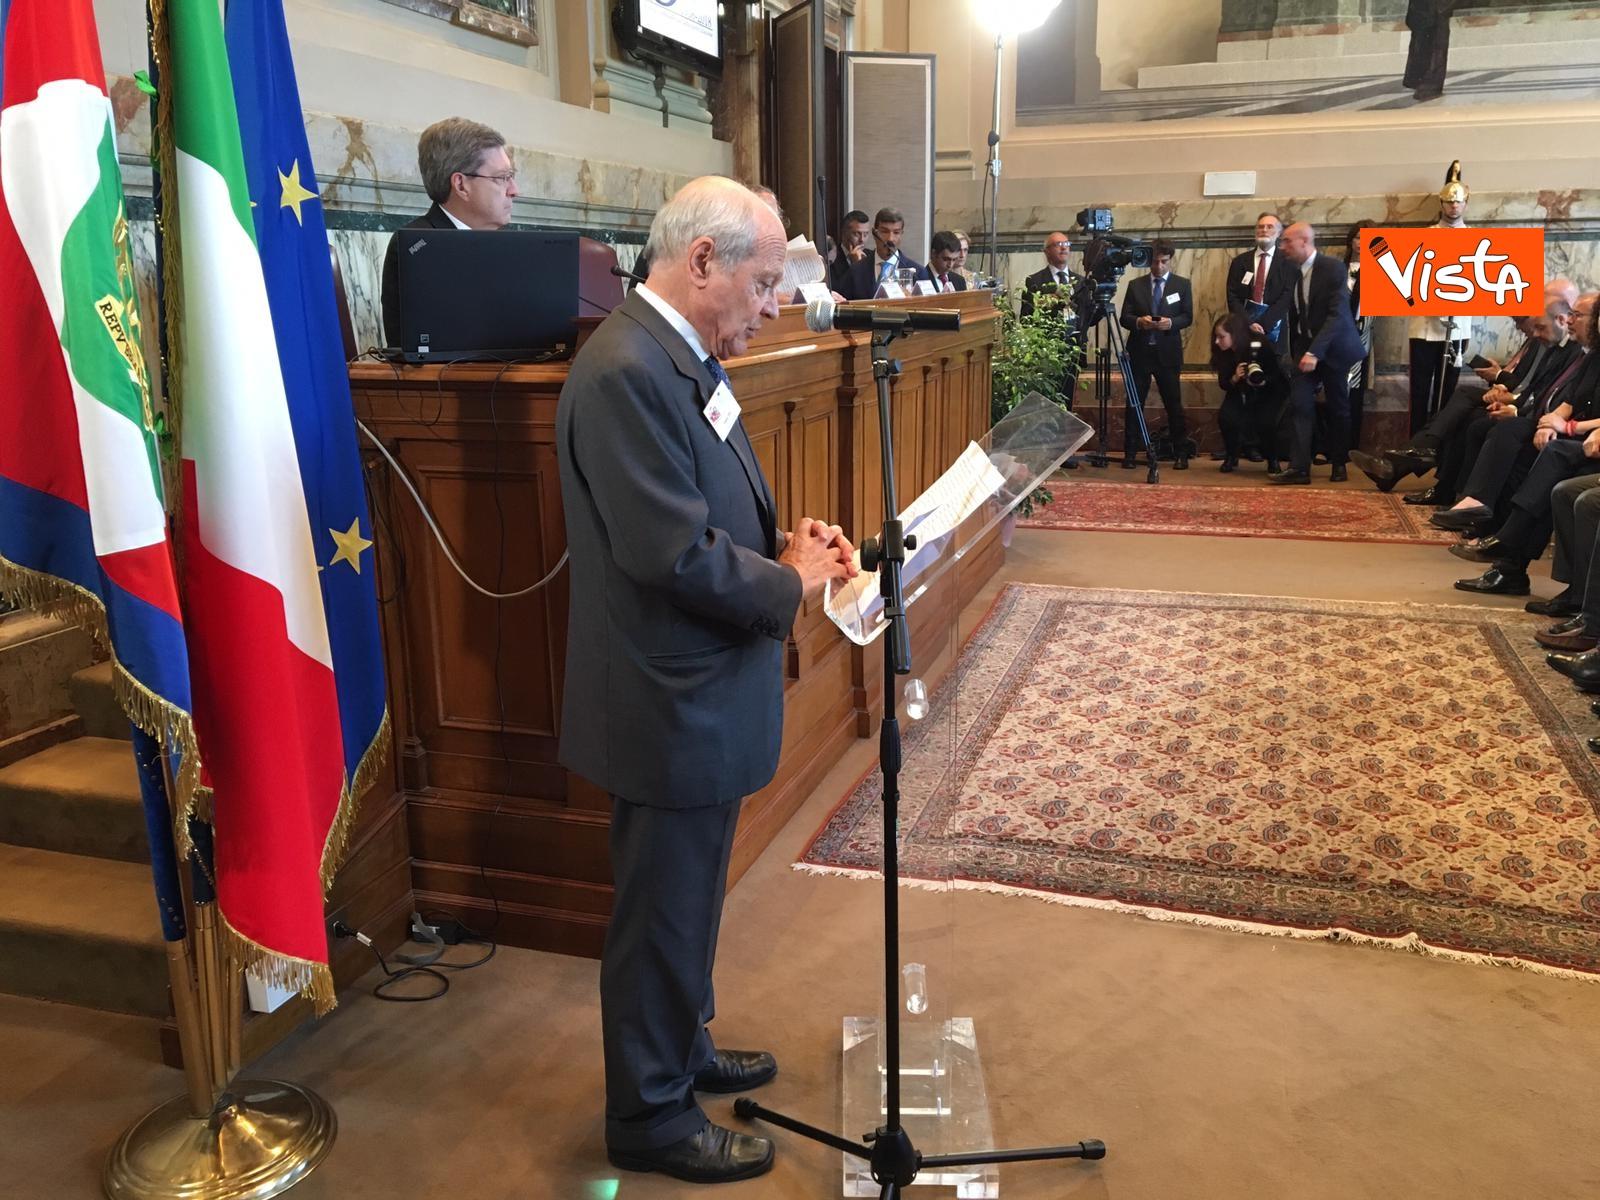 13-06-19 Mattarella a riunione Cnel europei a Roma_Il presidente del Cnel Tiziano Treu_02